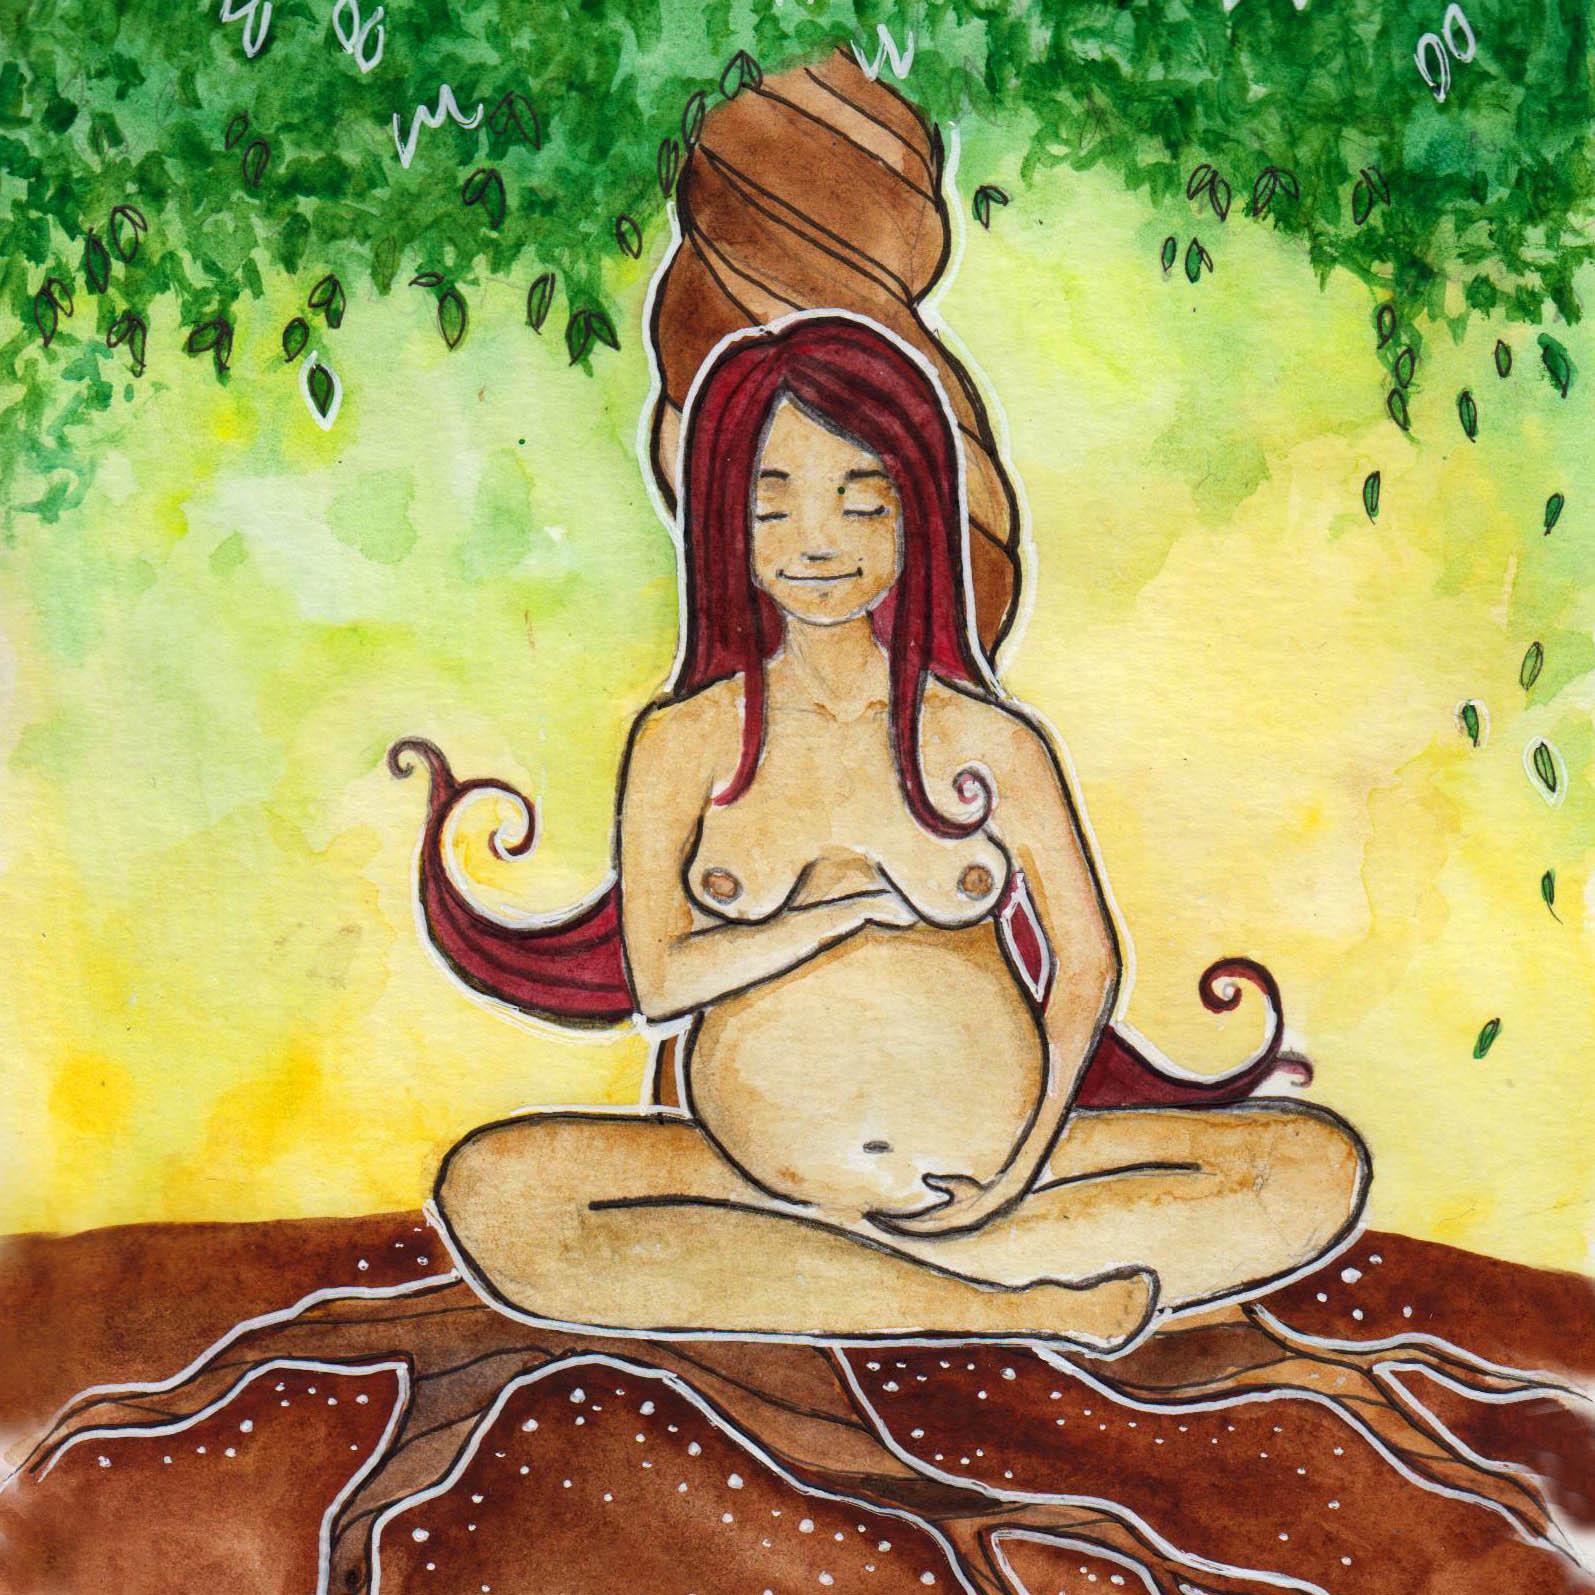 pregnant woman art